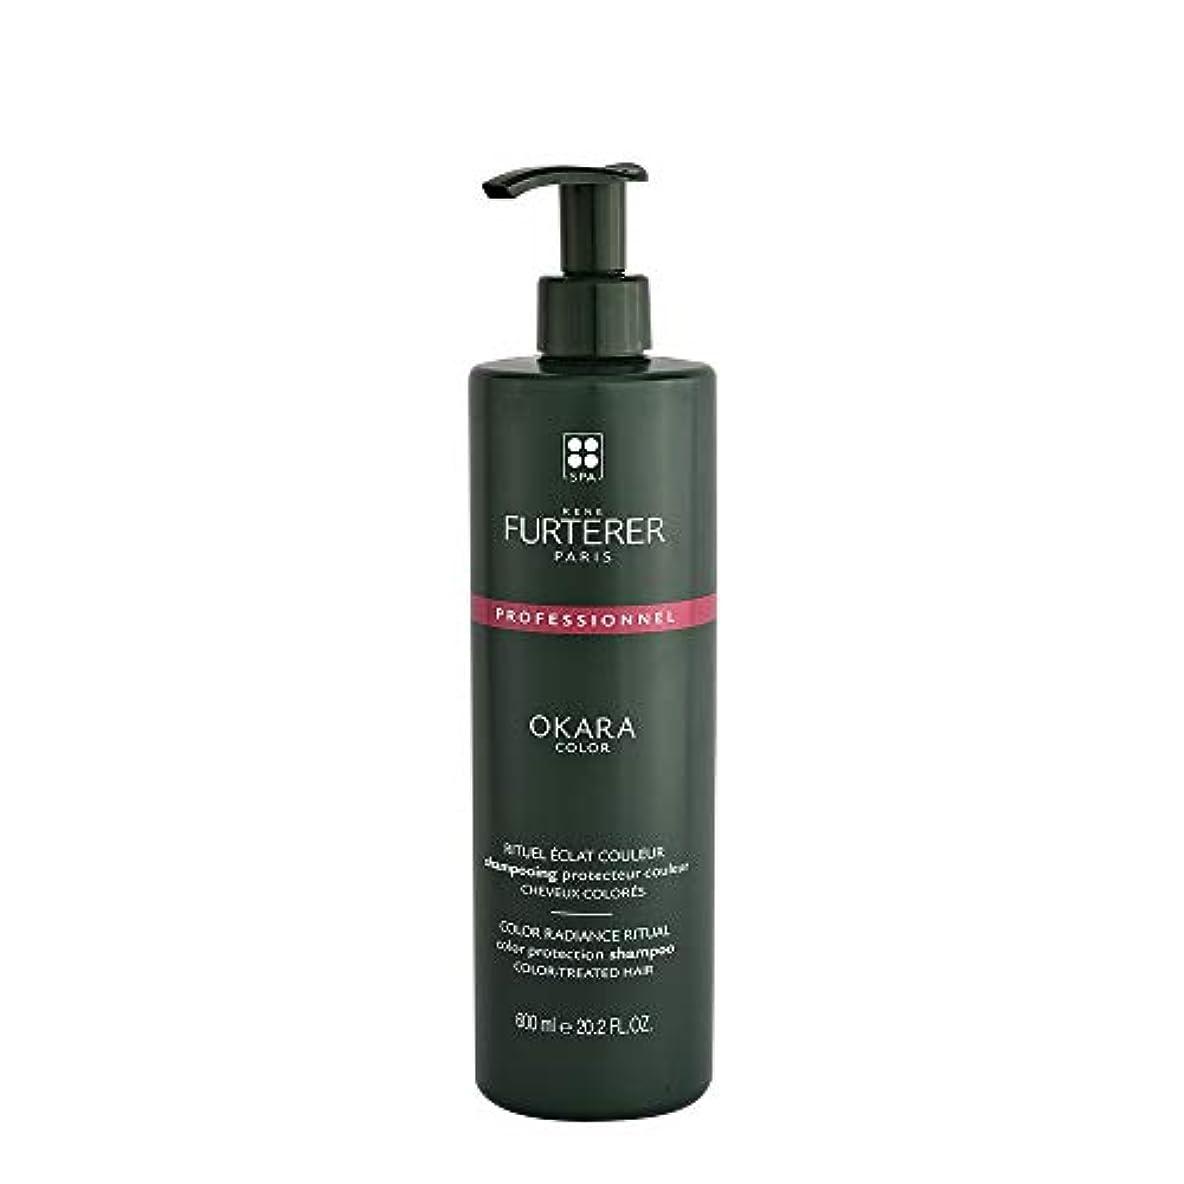 環境保護主義者シャンプープレビュールネ フルトレール Okara Color Color Radiance Ritual Color Protection Shampoo - Color-Treated Hair (Salon Product) 600ml...